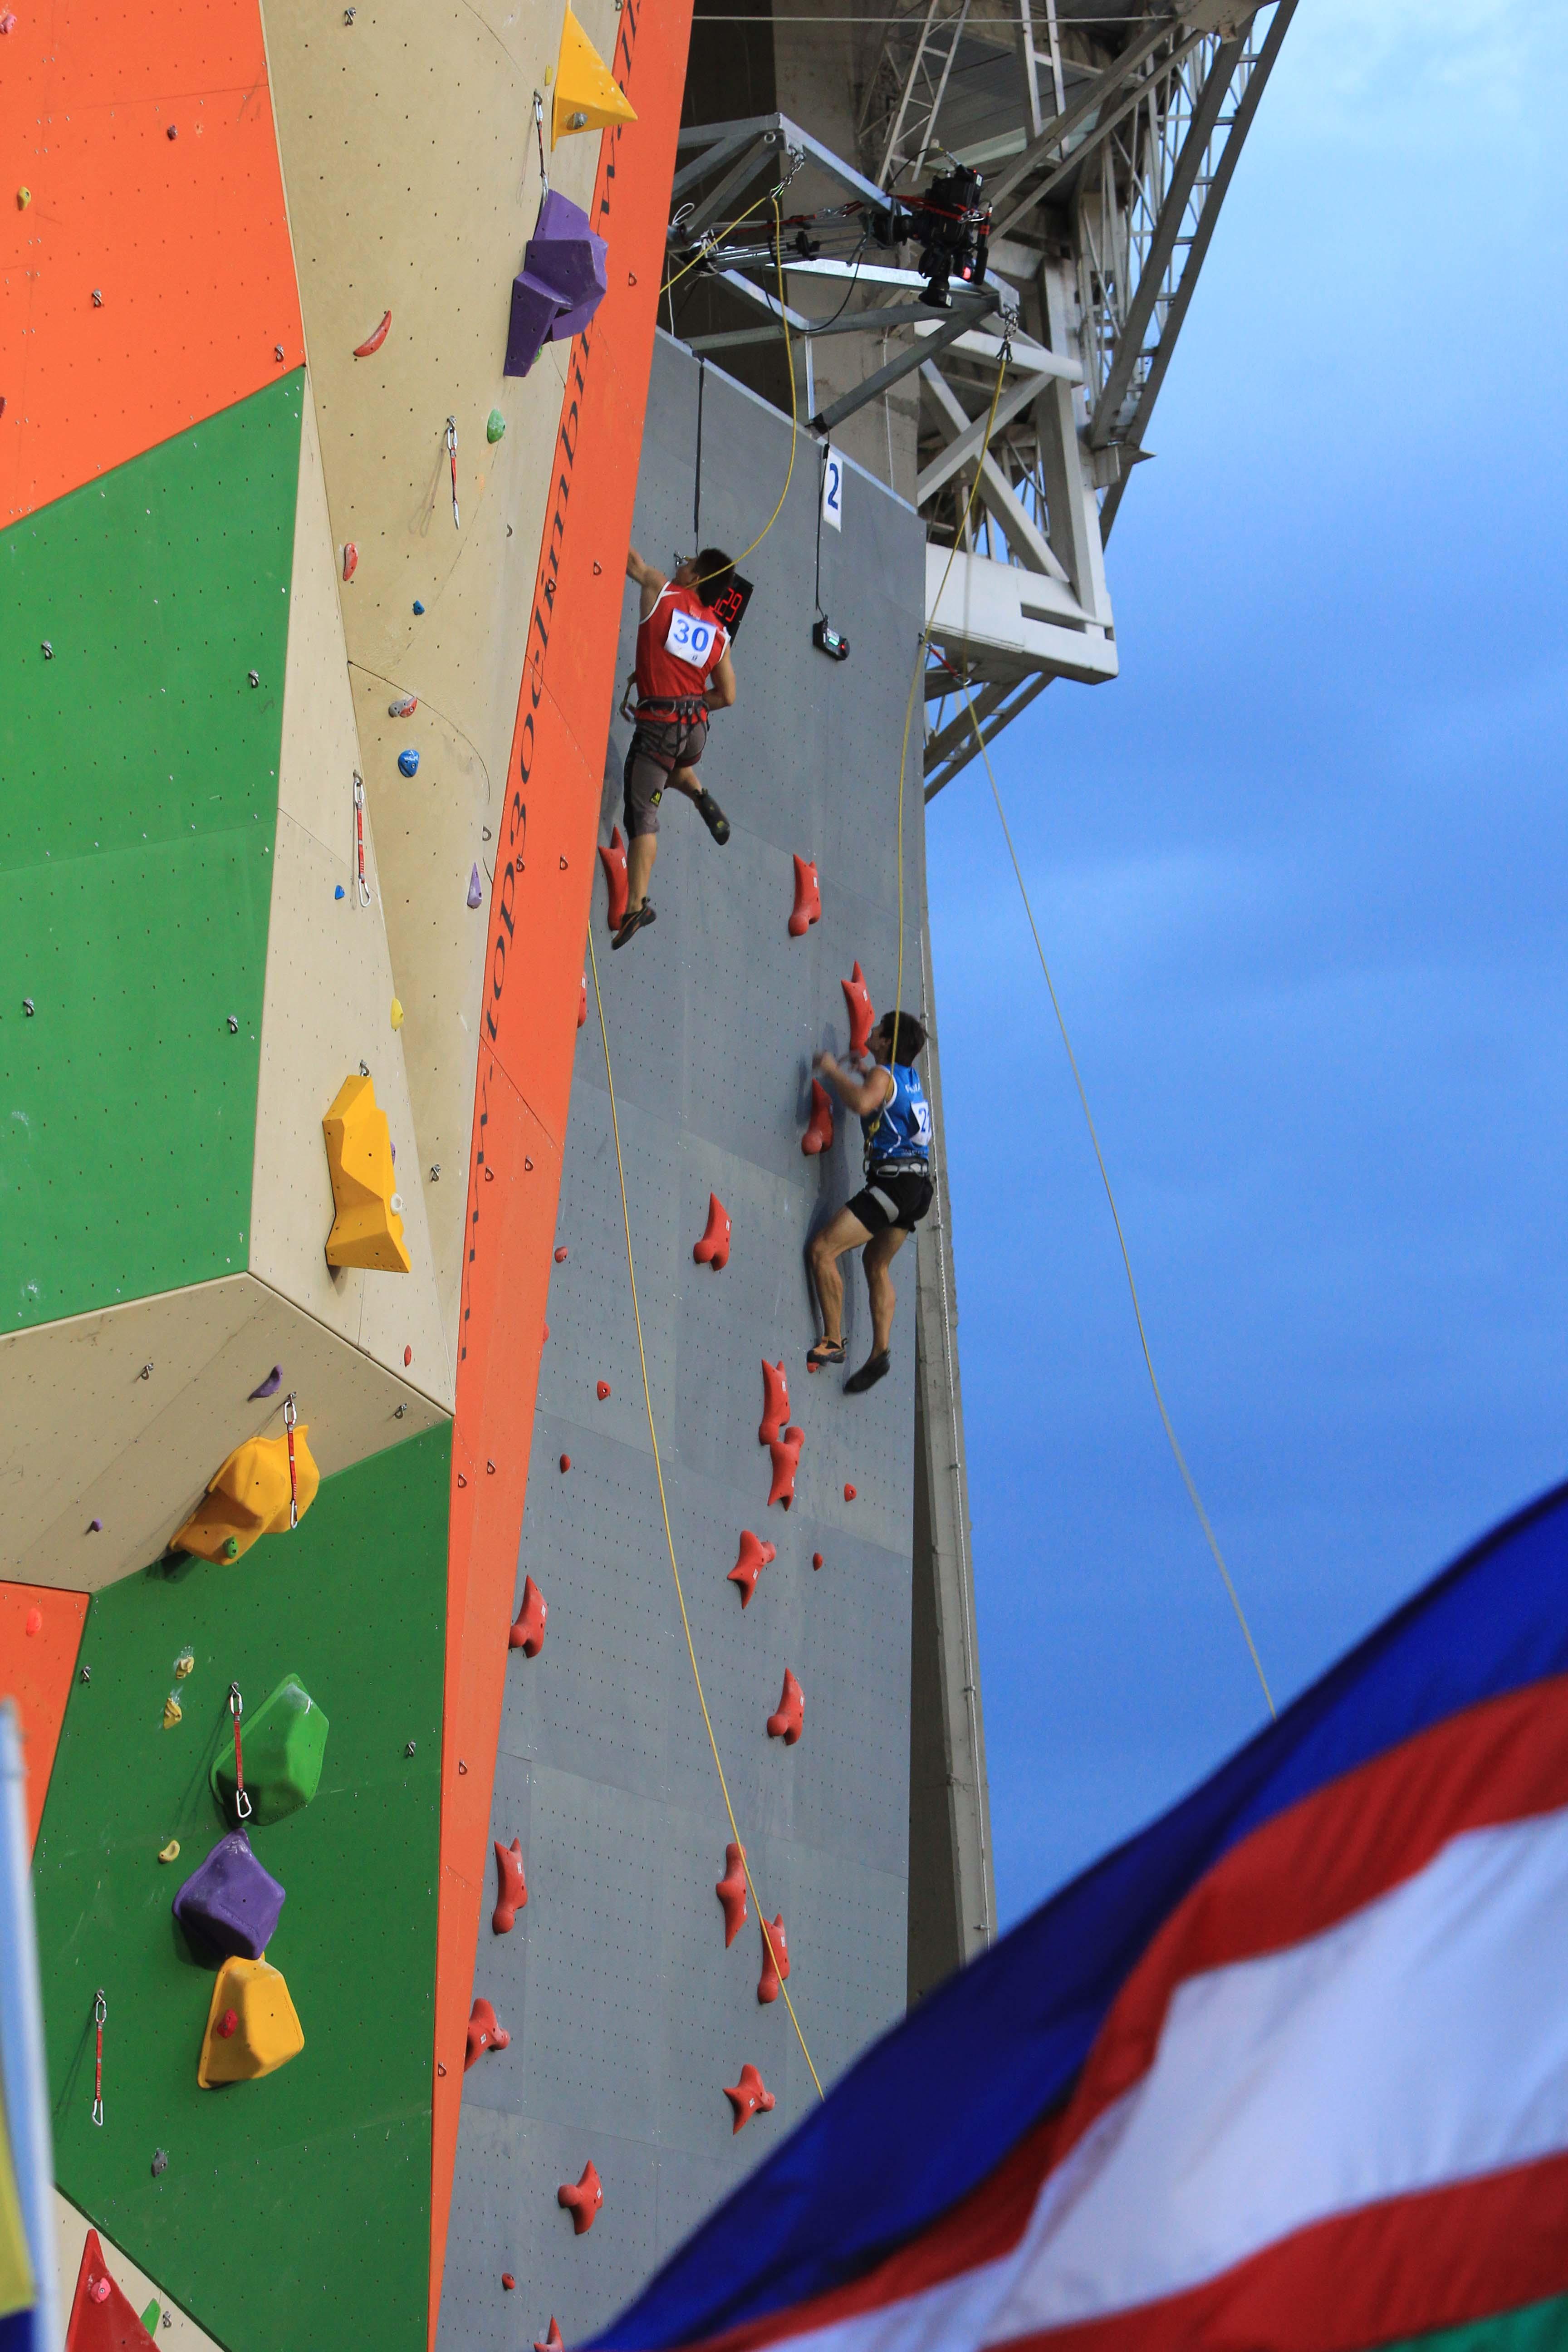 La escalada alcanzó las alturas en los JJ. MM.